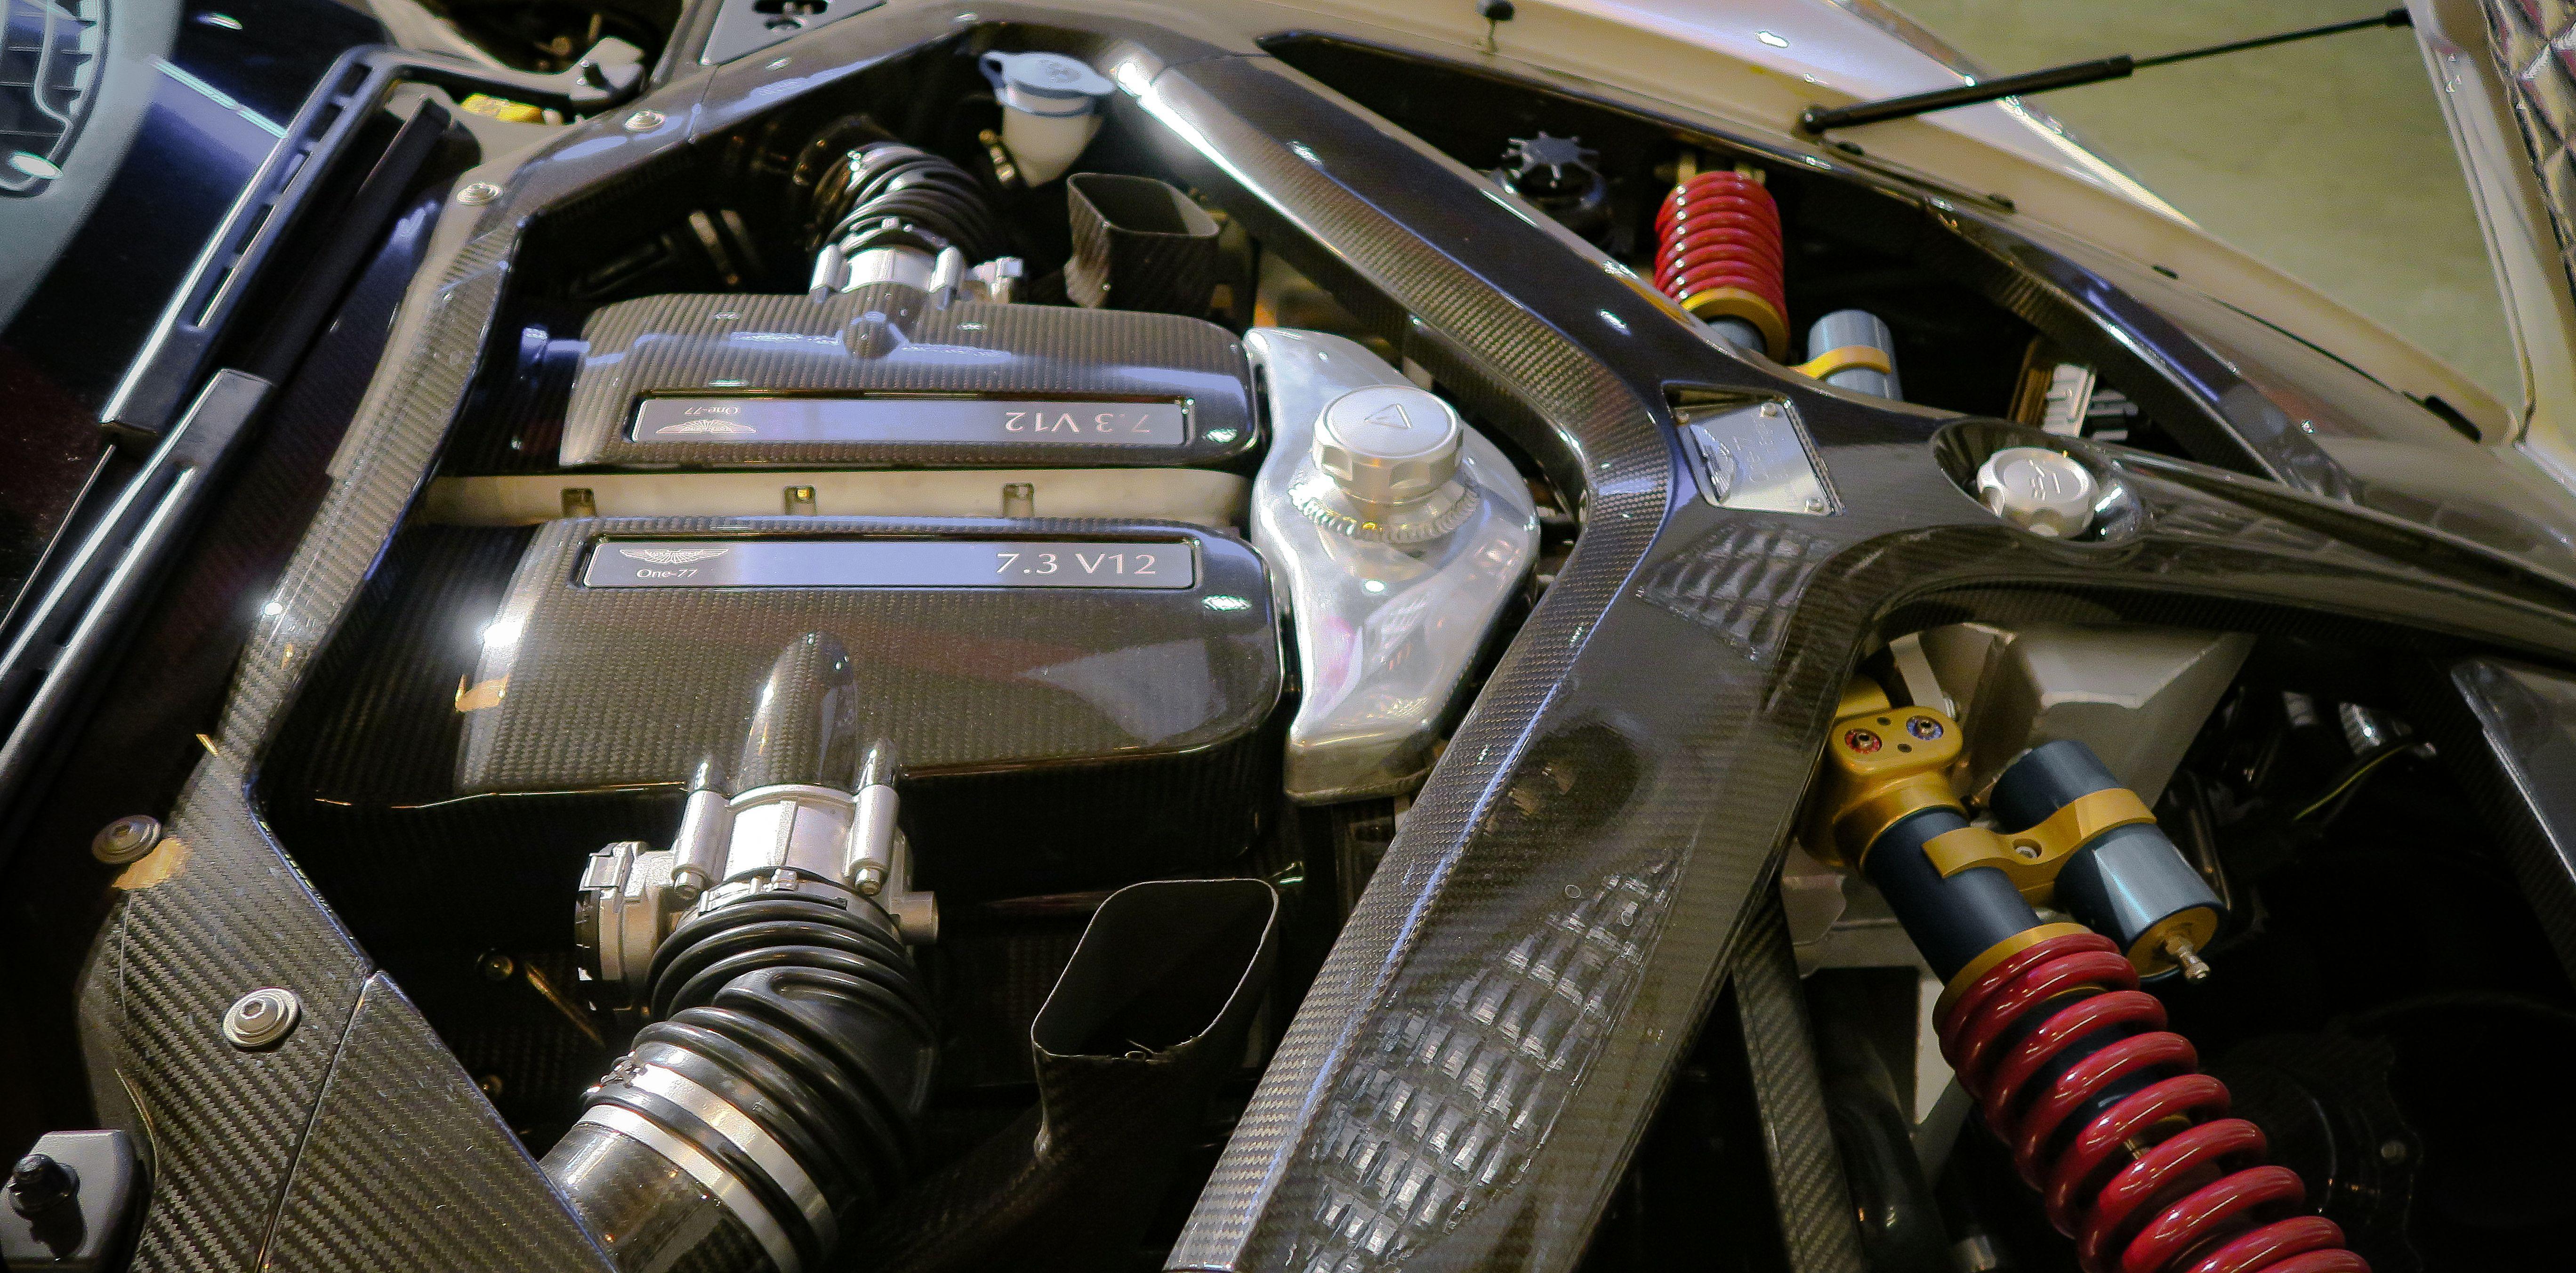 Der Motorraum des Aston Martin One-77 mit dem Stoßdämpfersystem.